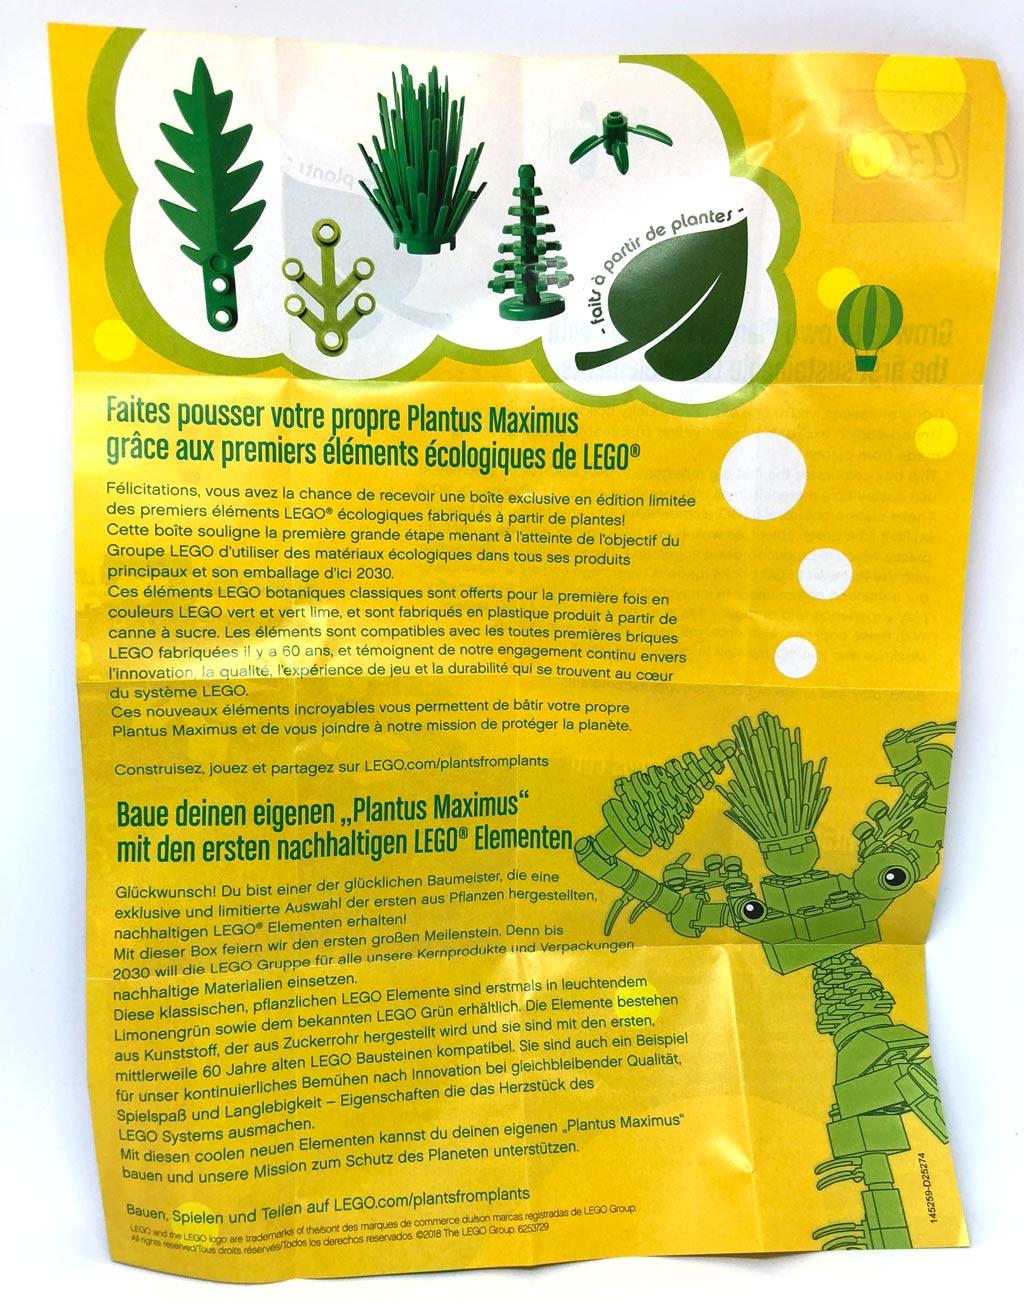 lego-pflanzen-aus-pflanzen-40320-flyer-rueckseite-2018-zusammengebaut-matthias-kuhnt zusammengebaut.com